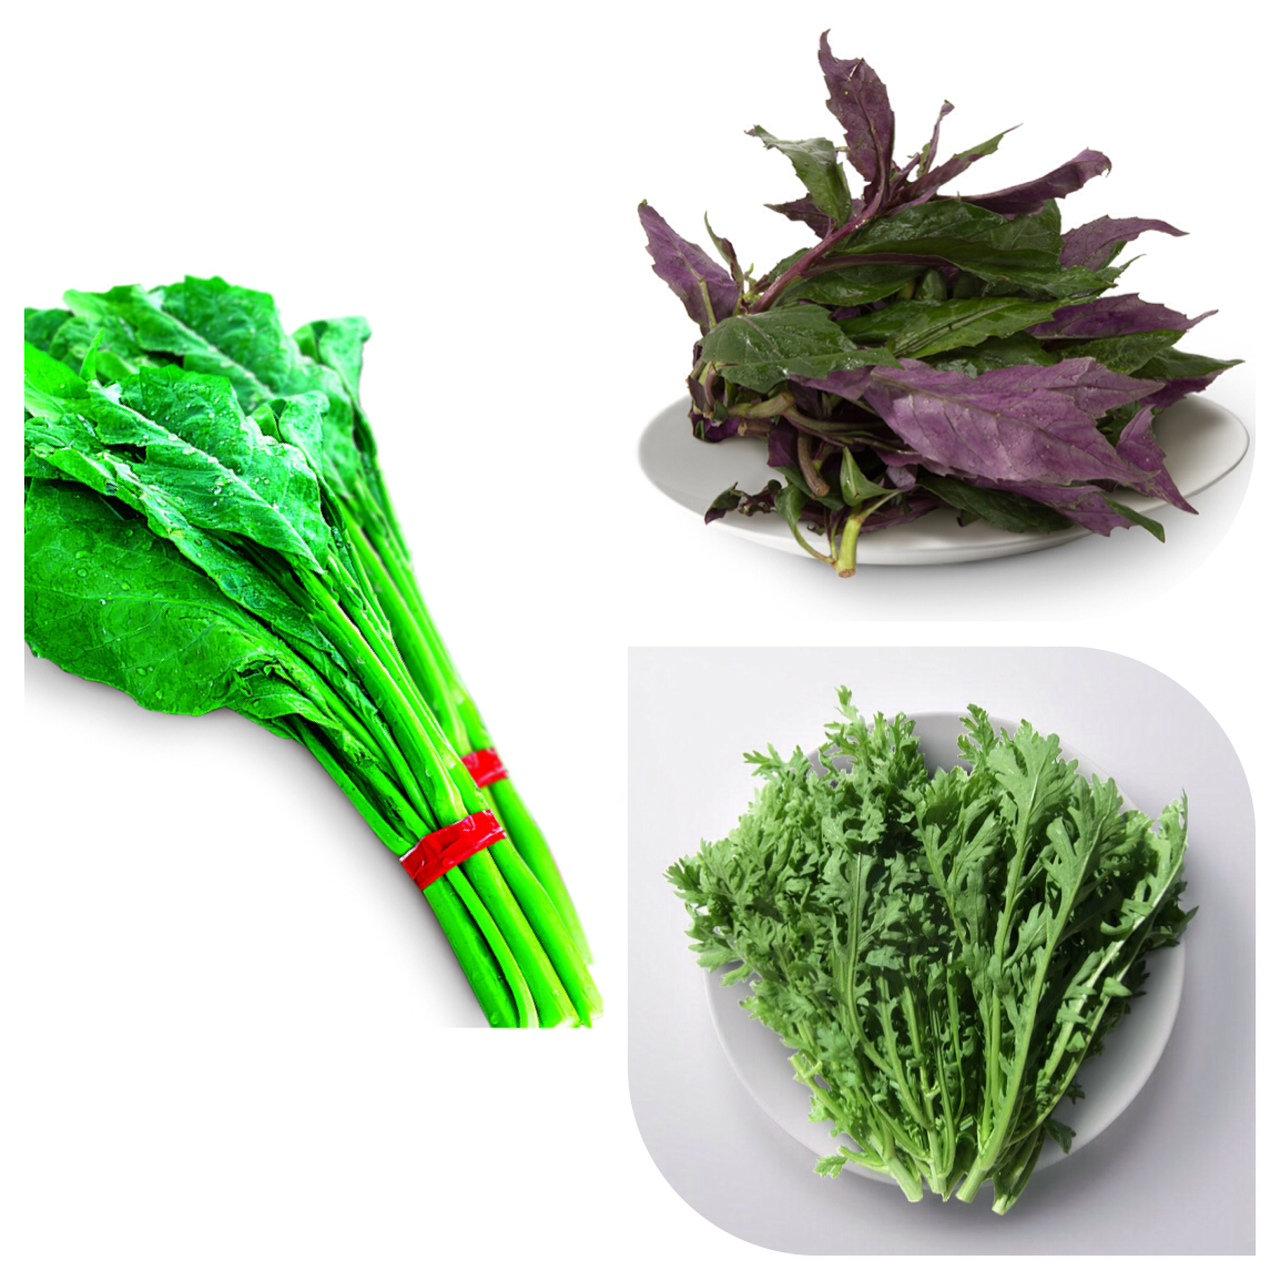 100元蔬菜包-A包(山茼蒿+芥蘭菜+紅鳳菜)